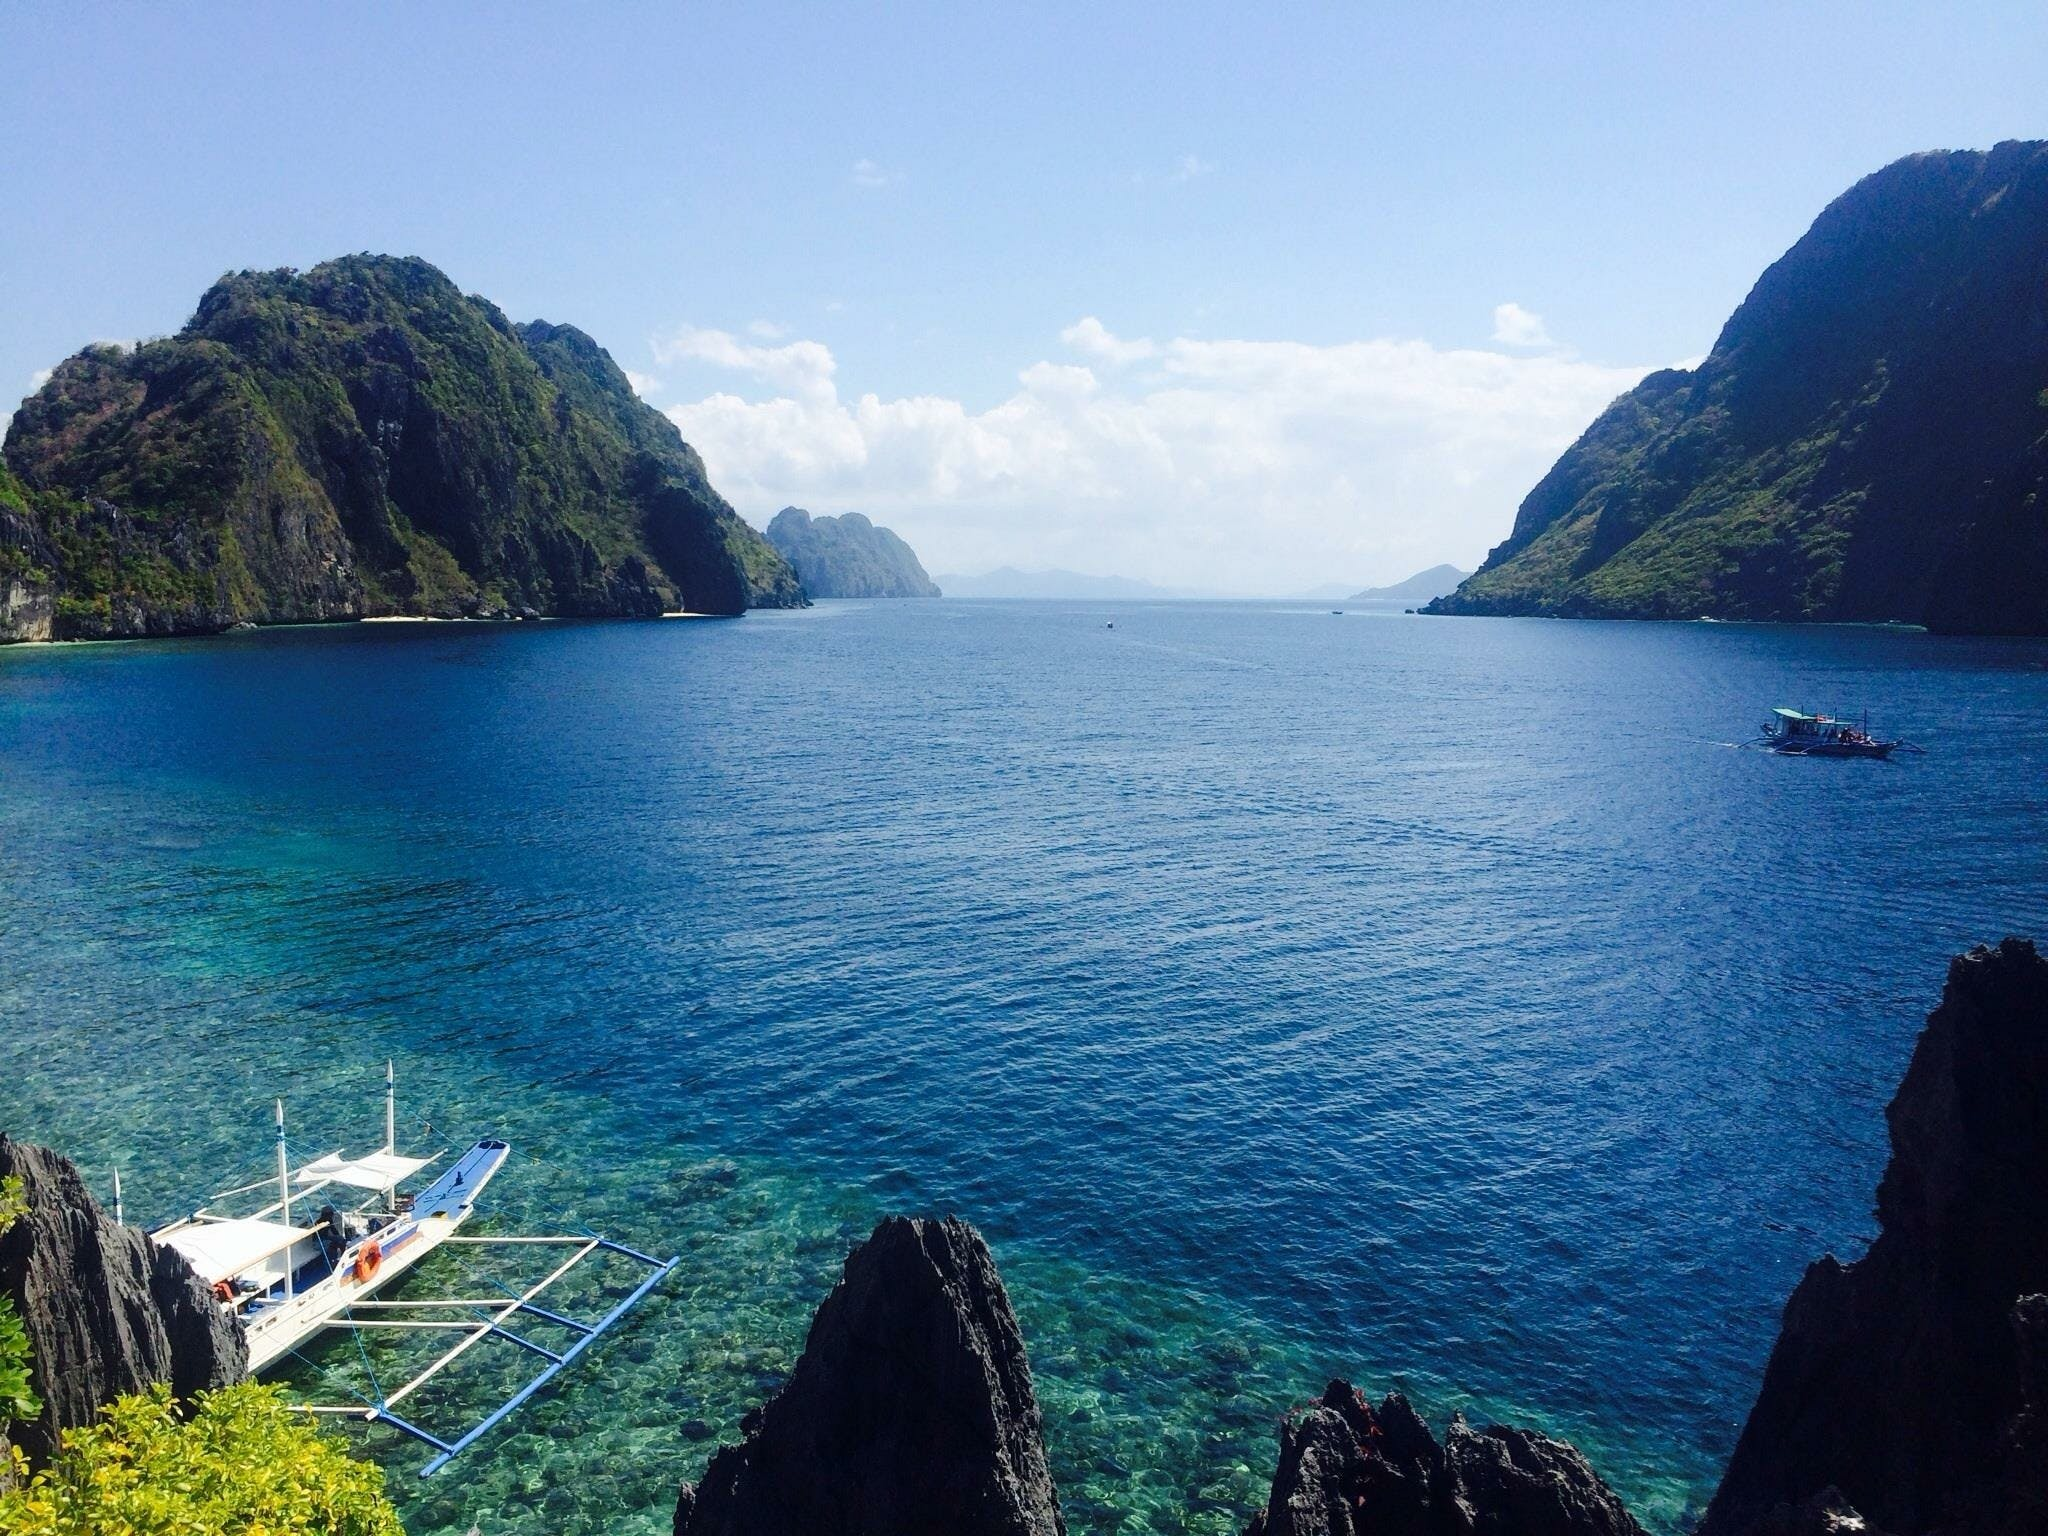 Kostnadsfri bild av båtar, bergen, blå, dagsljus